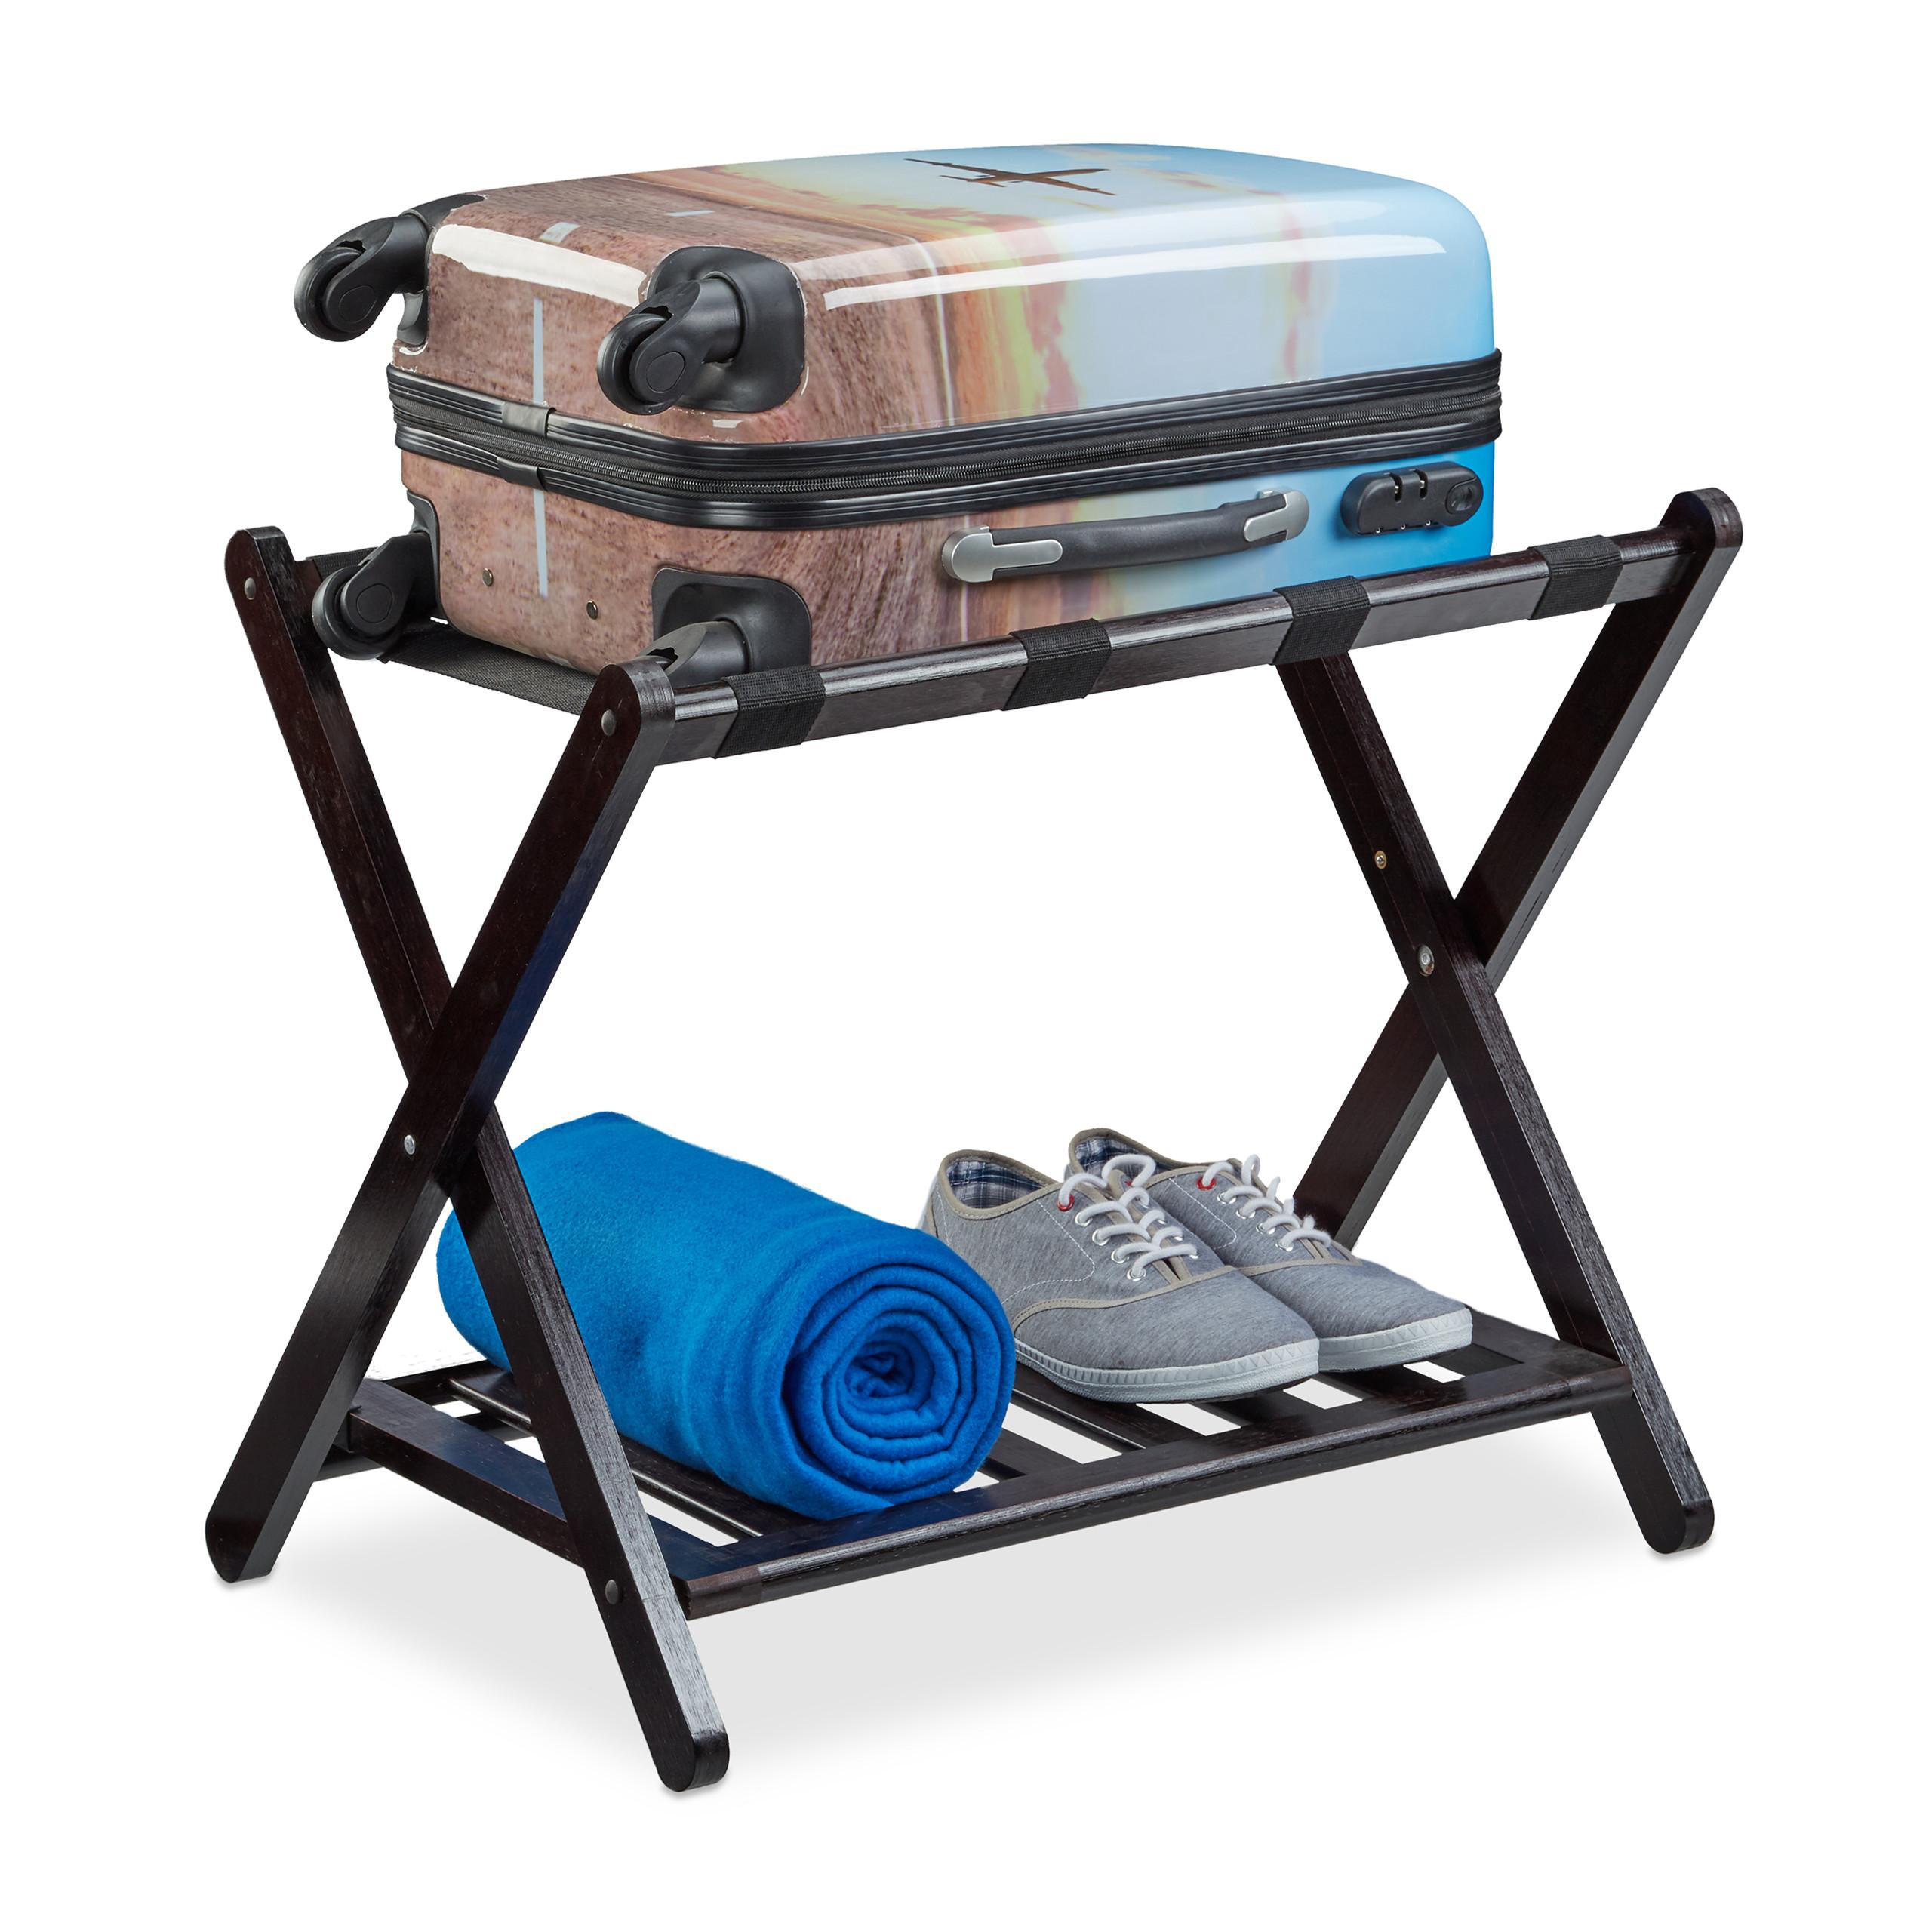 Kofferständer klappbar Kofferablage Holz Kofferbock faltbar Gepäckständer braun